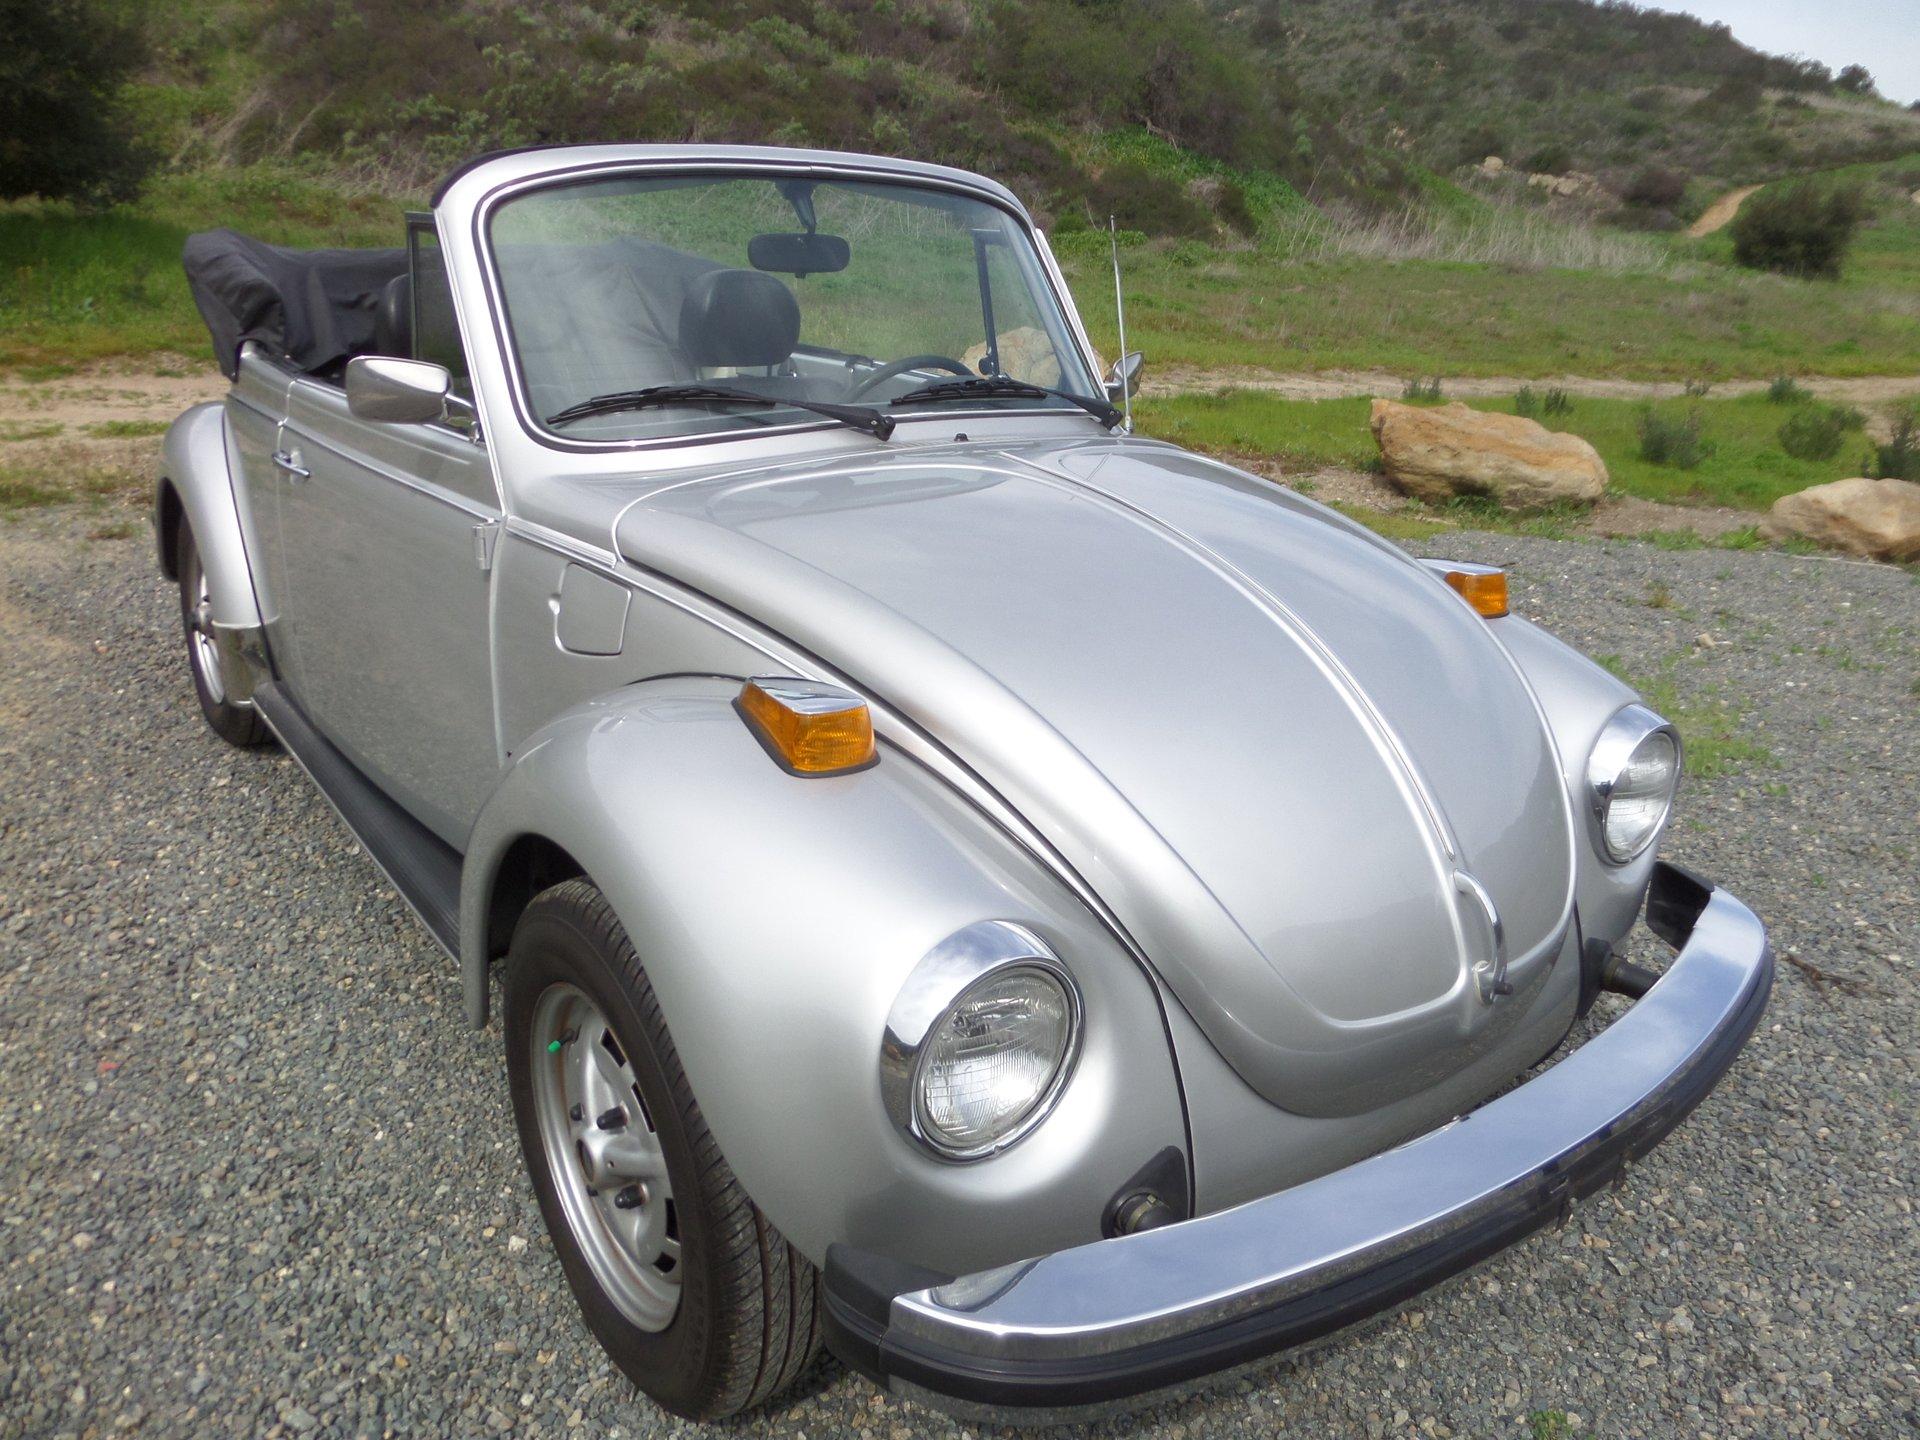 1979 volkswagen type 1 beetle